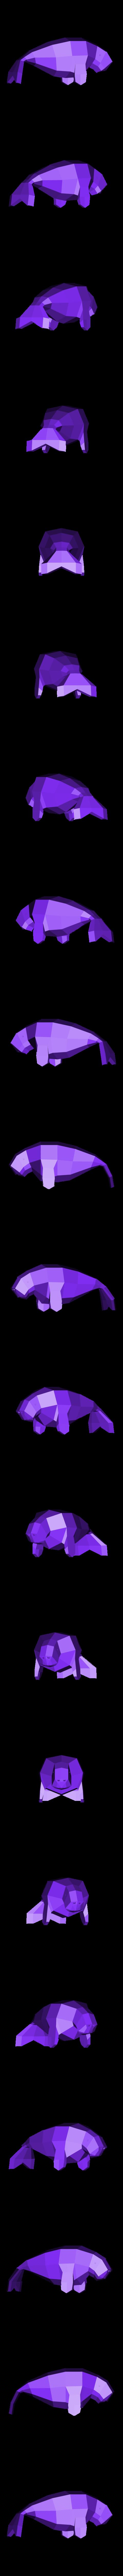 Manatee_01.obj Télécharger fichier OBJ gratuit Lamantin • Design pour impression 3D, Colorful3D